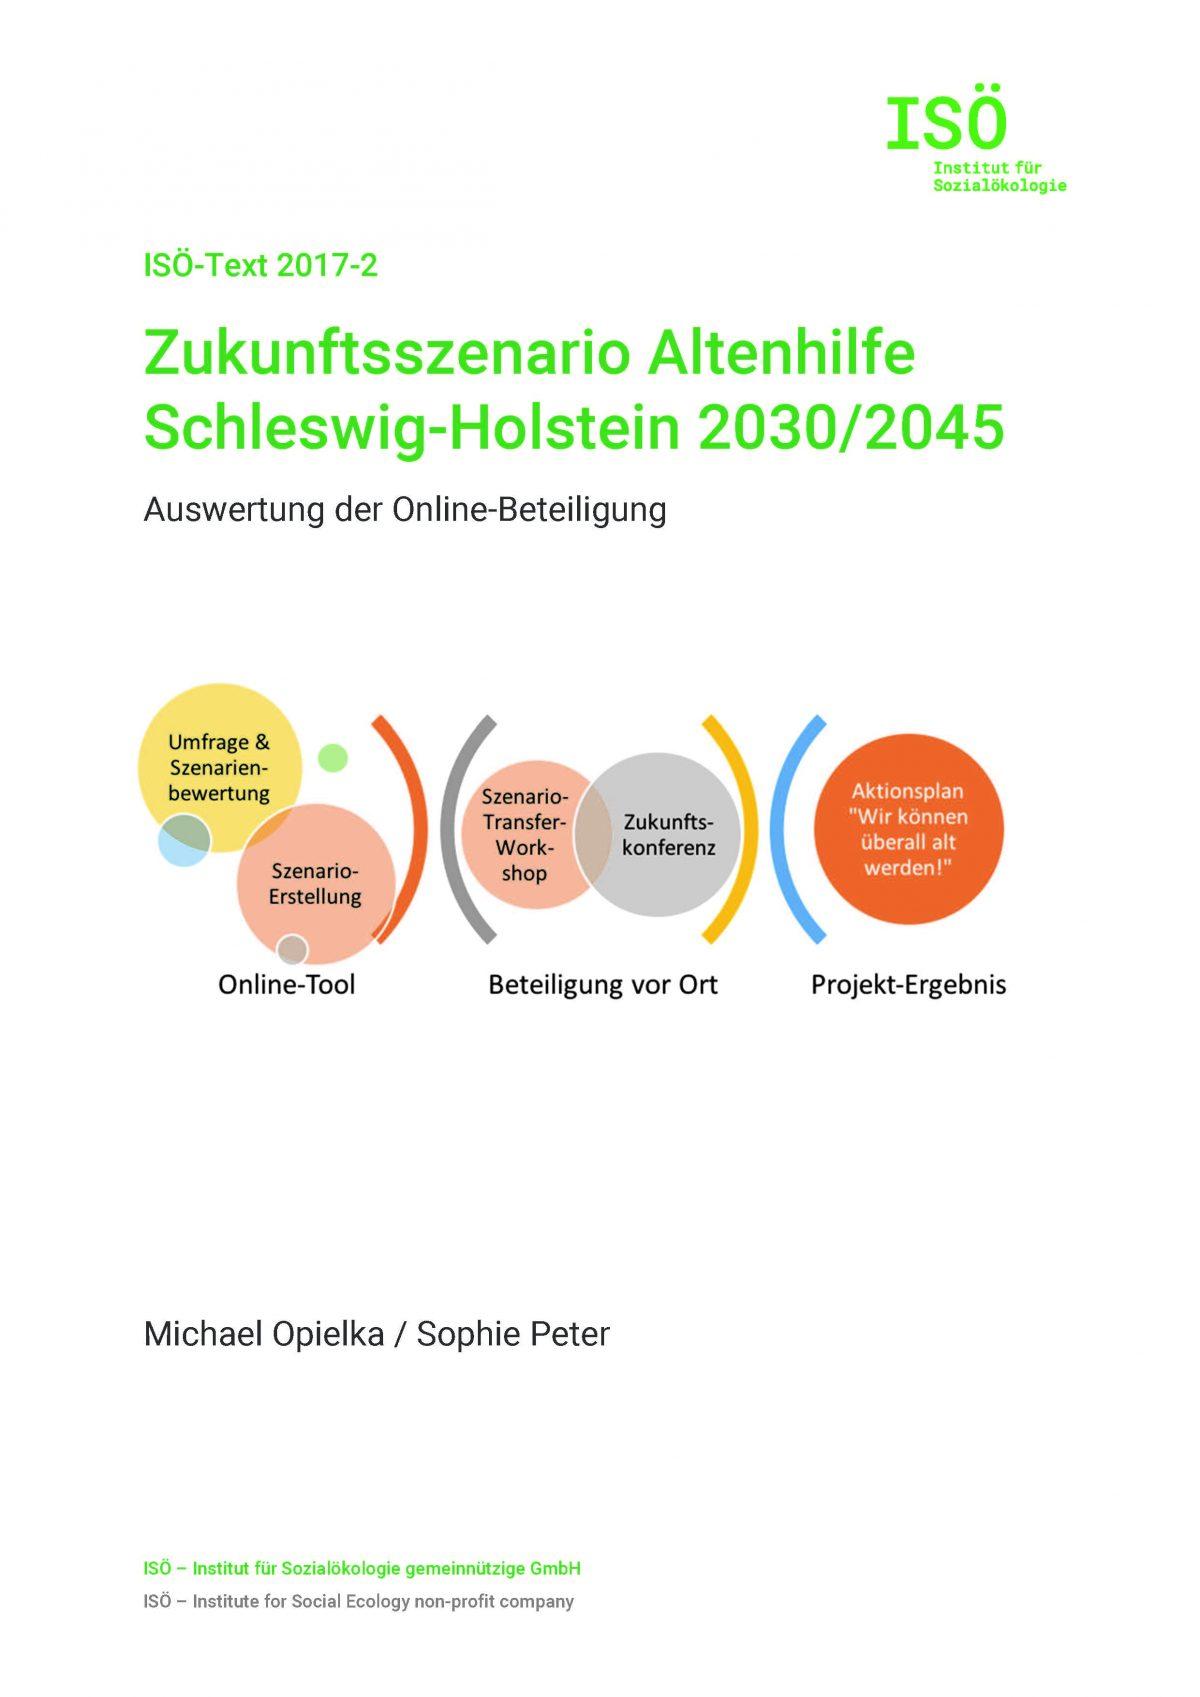 Michael Opielka/Sophie Peter, Zukunftsszenario Altenhilfe Schleswig-Holstein 2030/2045. Auswertung der Online-Beteiligung (ISÖ-Text 2017-2)